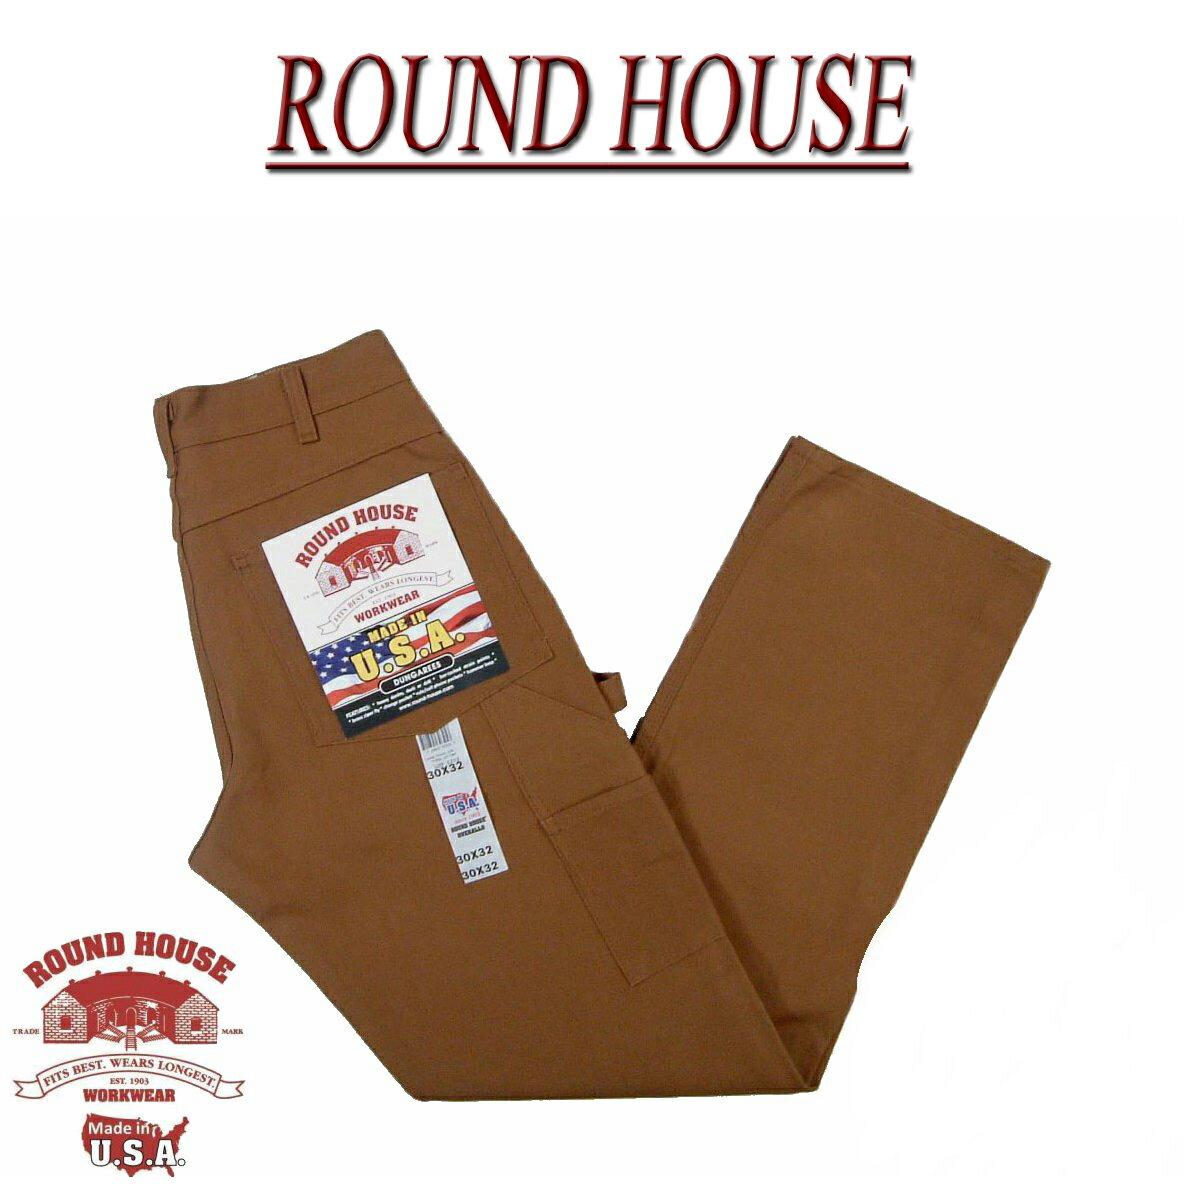 【7サイズ】 af141 新品 ROUND HOUSE 定番 USA製 DOUBLE FRONT DUNGAREES BROWN DUCK ブラウンダック ダブルニー ペインターパンツ Lot2202 メンズ ラウンドハウス アメカジ ワーク ダンガリー 【smtb-kd】 RoundHouse Made in USA